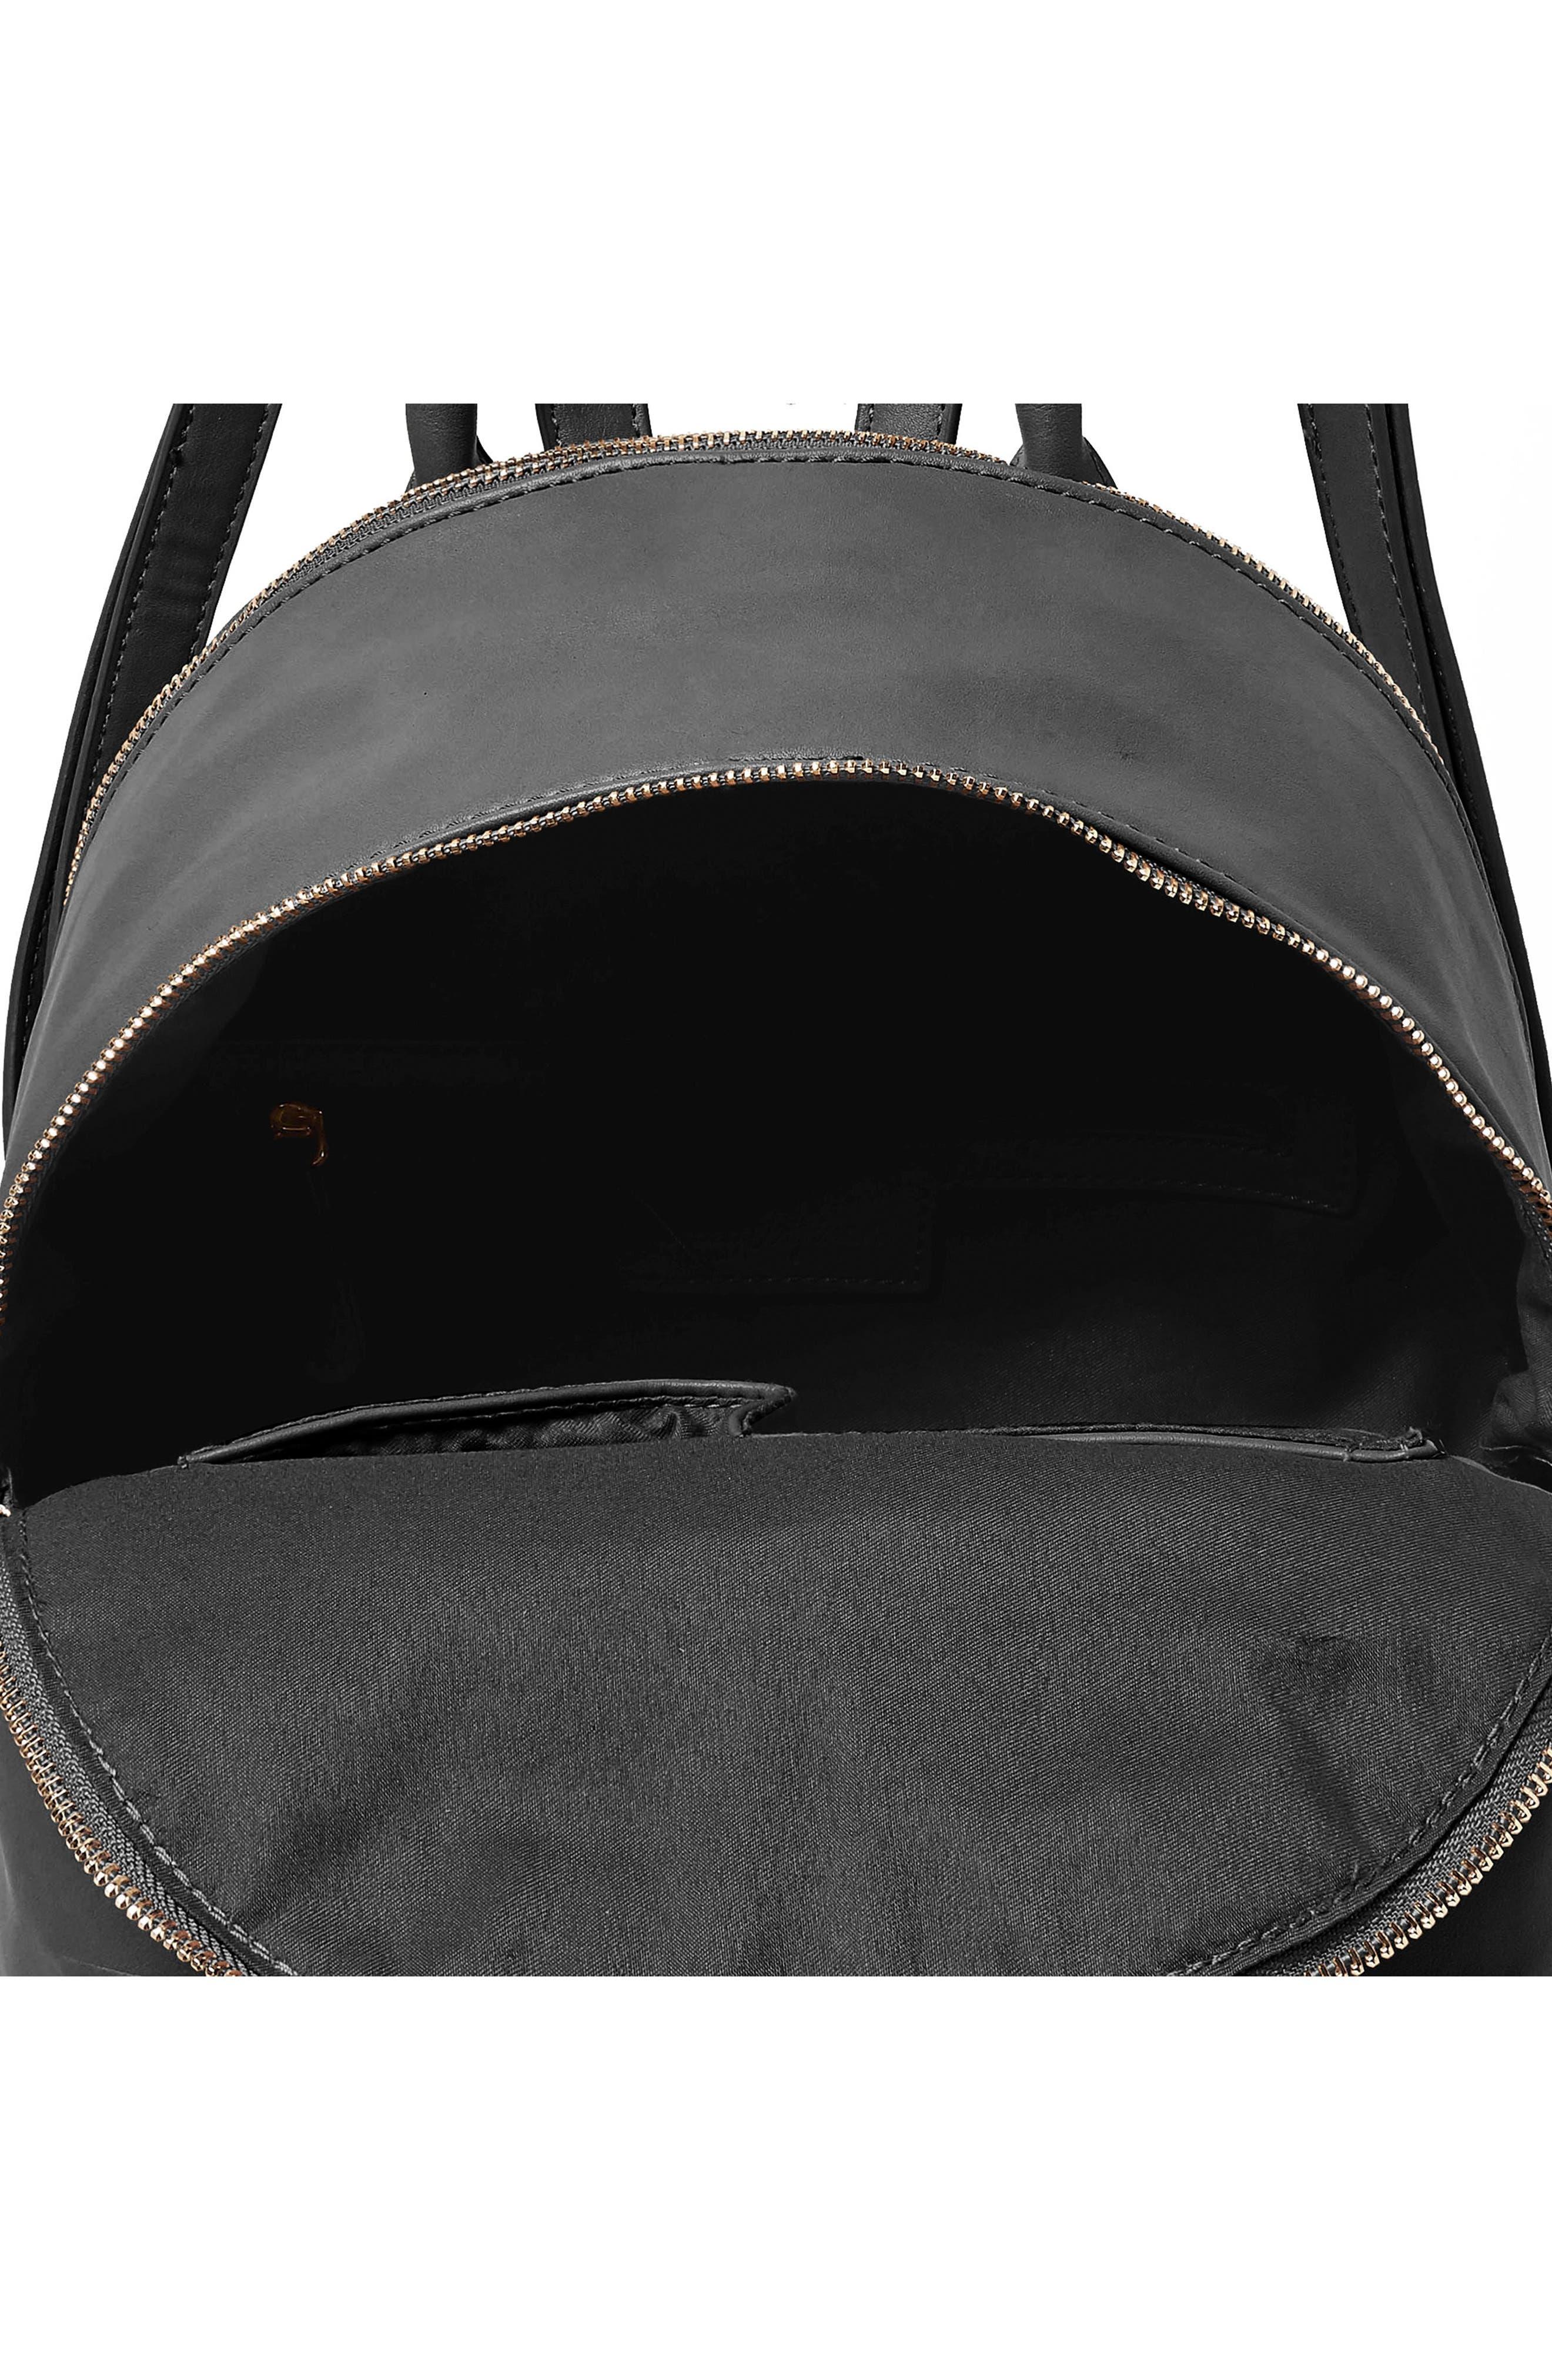 Celestial Vegan Leather Backpack,                             Alternate thumbnail 3, color,                             001